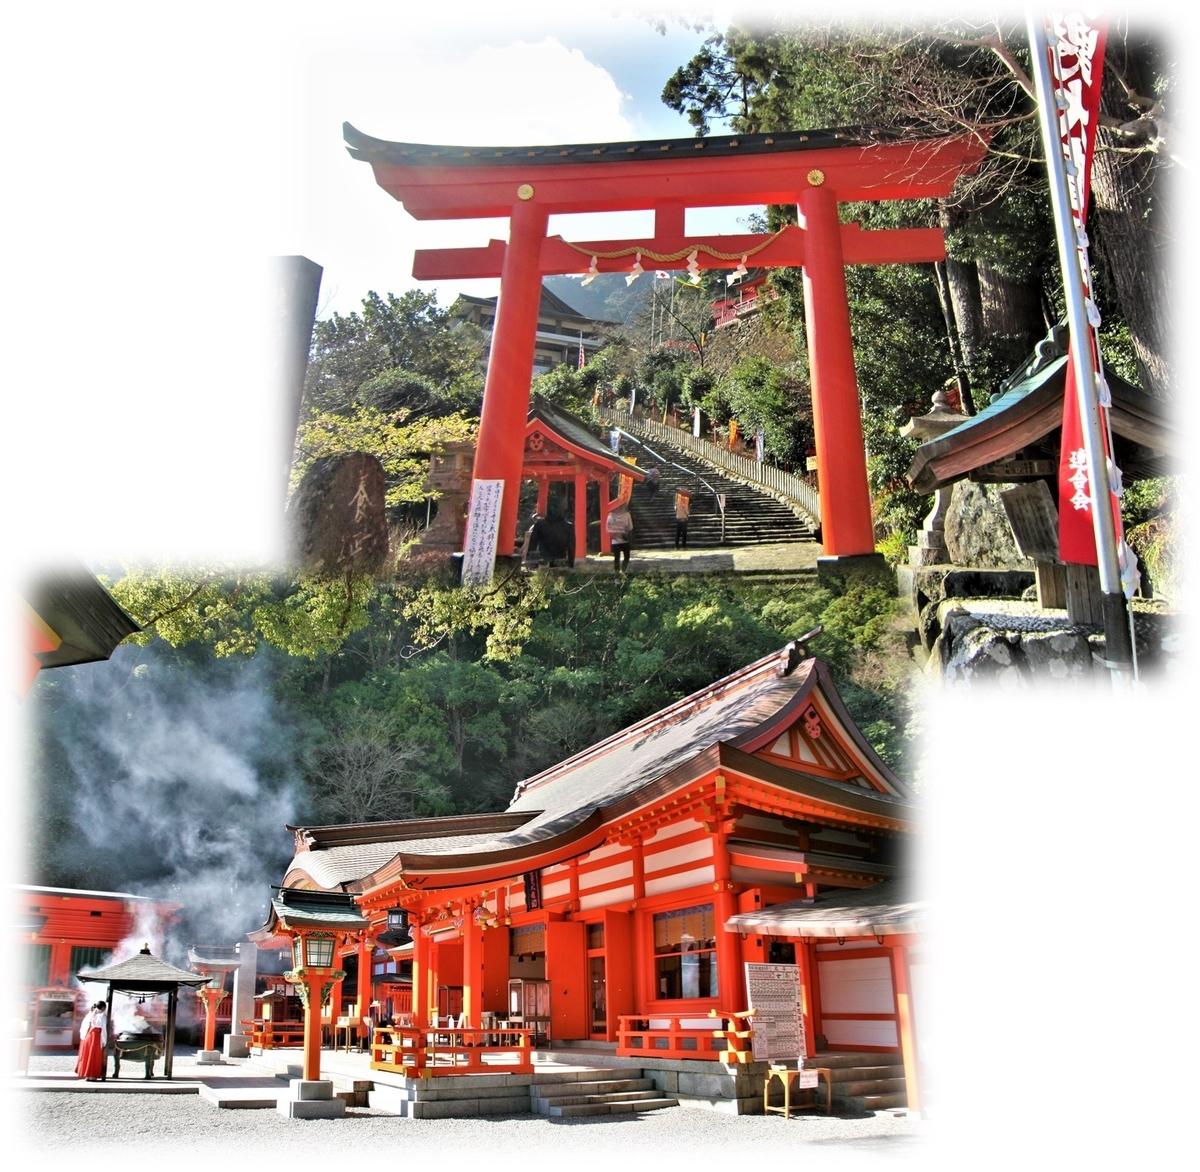 f:id:owari-nagoya55:20210224155322j:plain